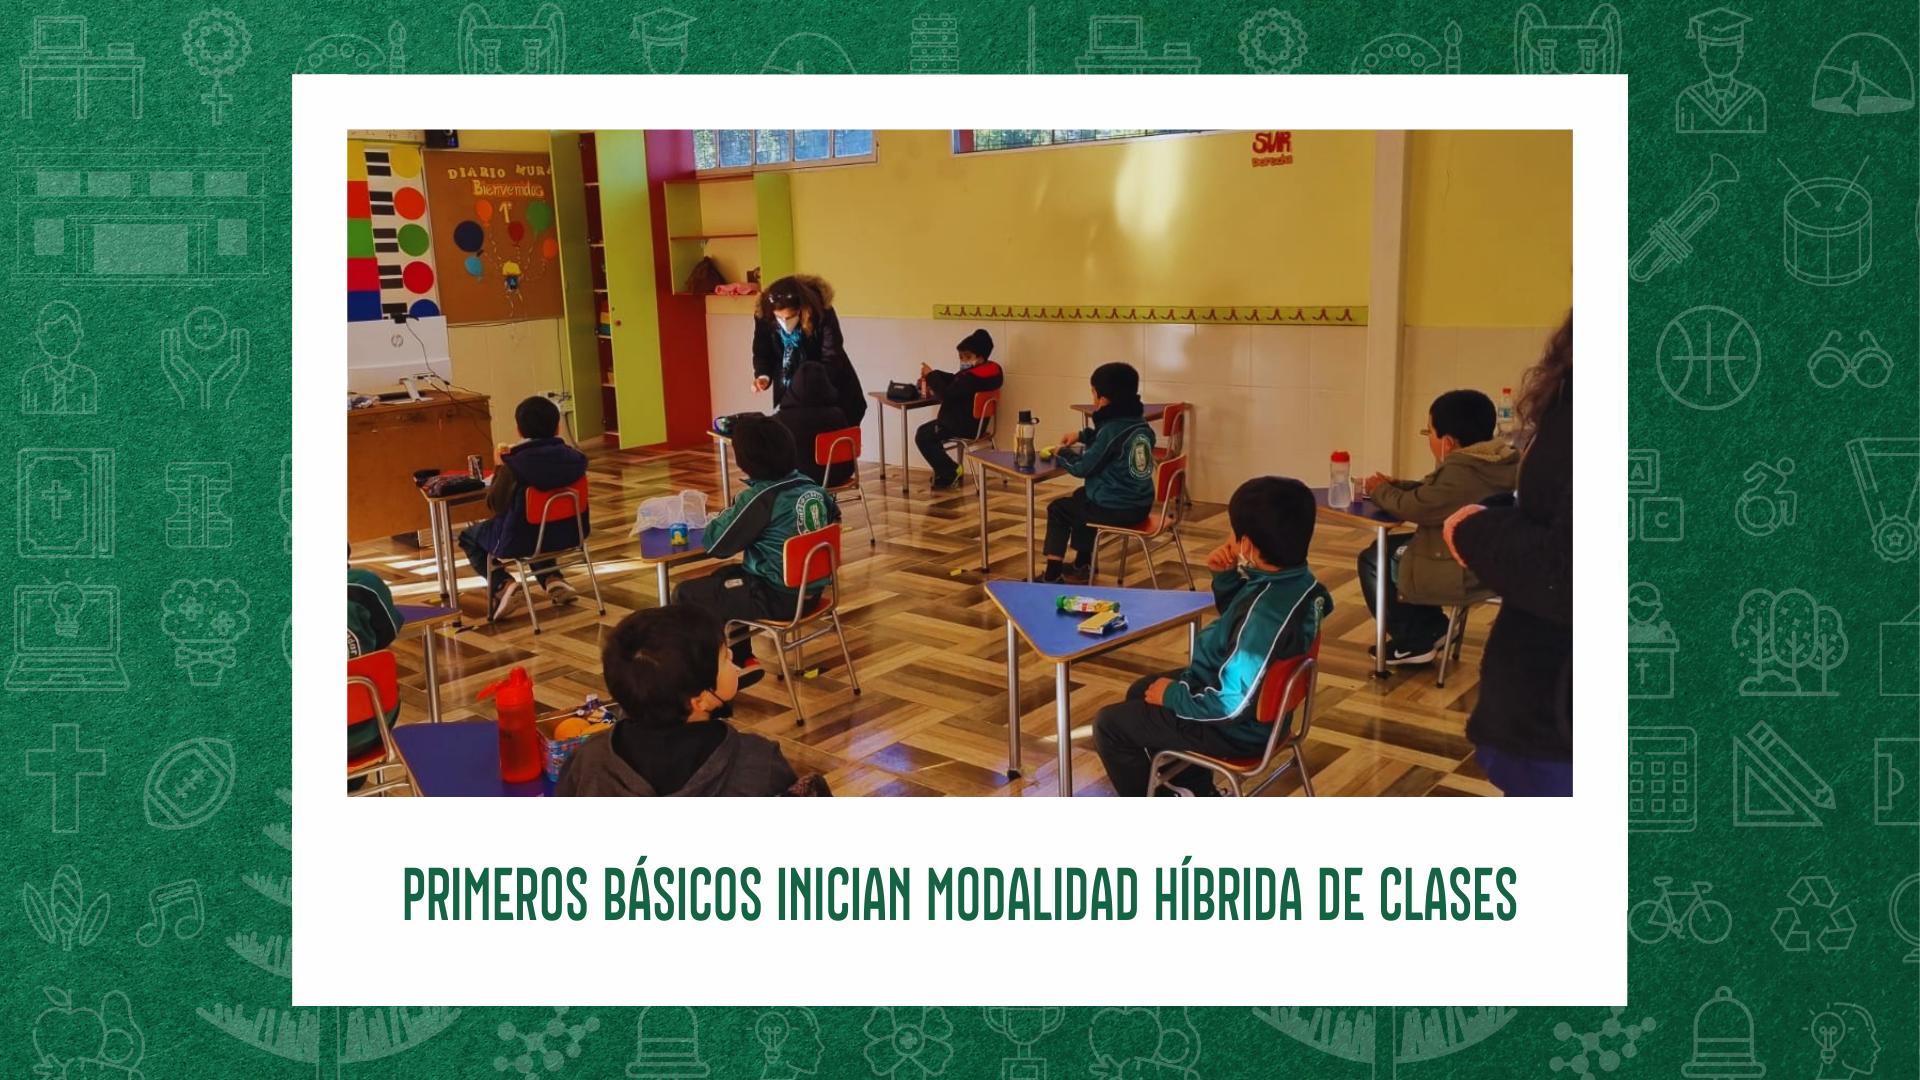 PRIMEROS BÁSICOS INICIAN MODALIDAD HÍBRIDA DE CLASES